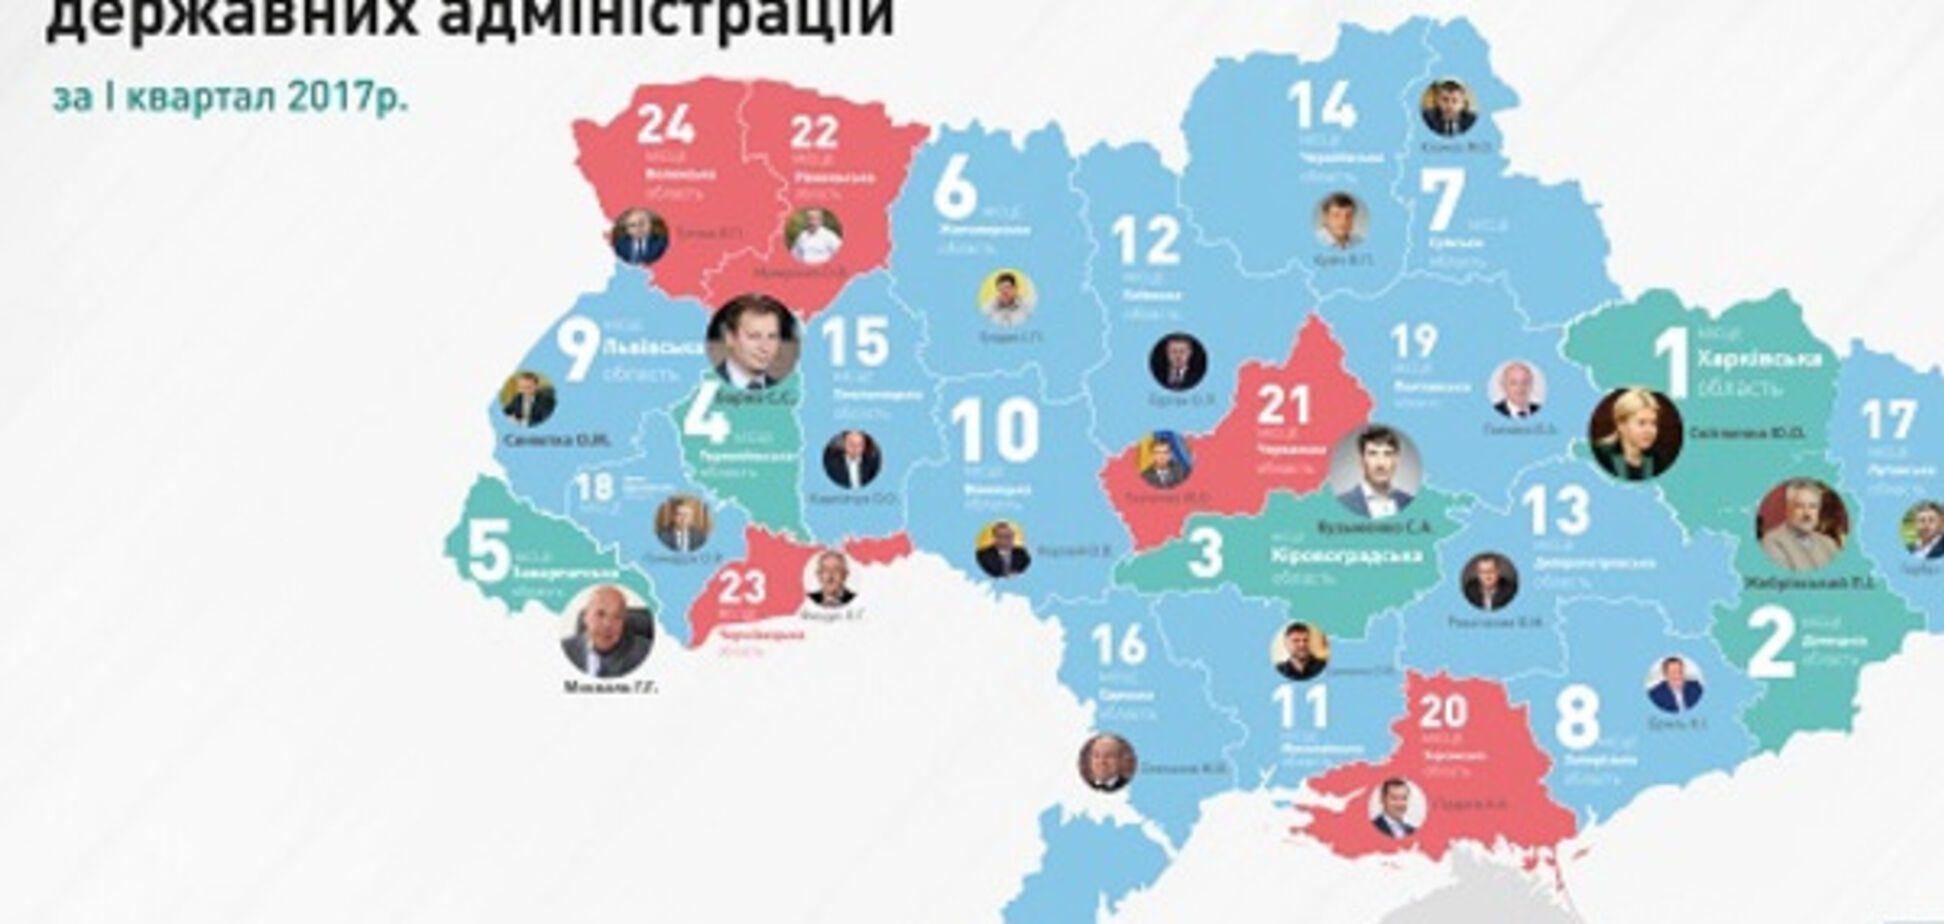 Глава Харківської ОДА Світлична знову очолила 'рейтинг губернаторів' - КВУ